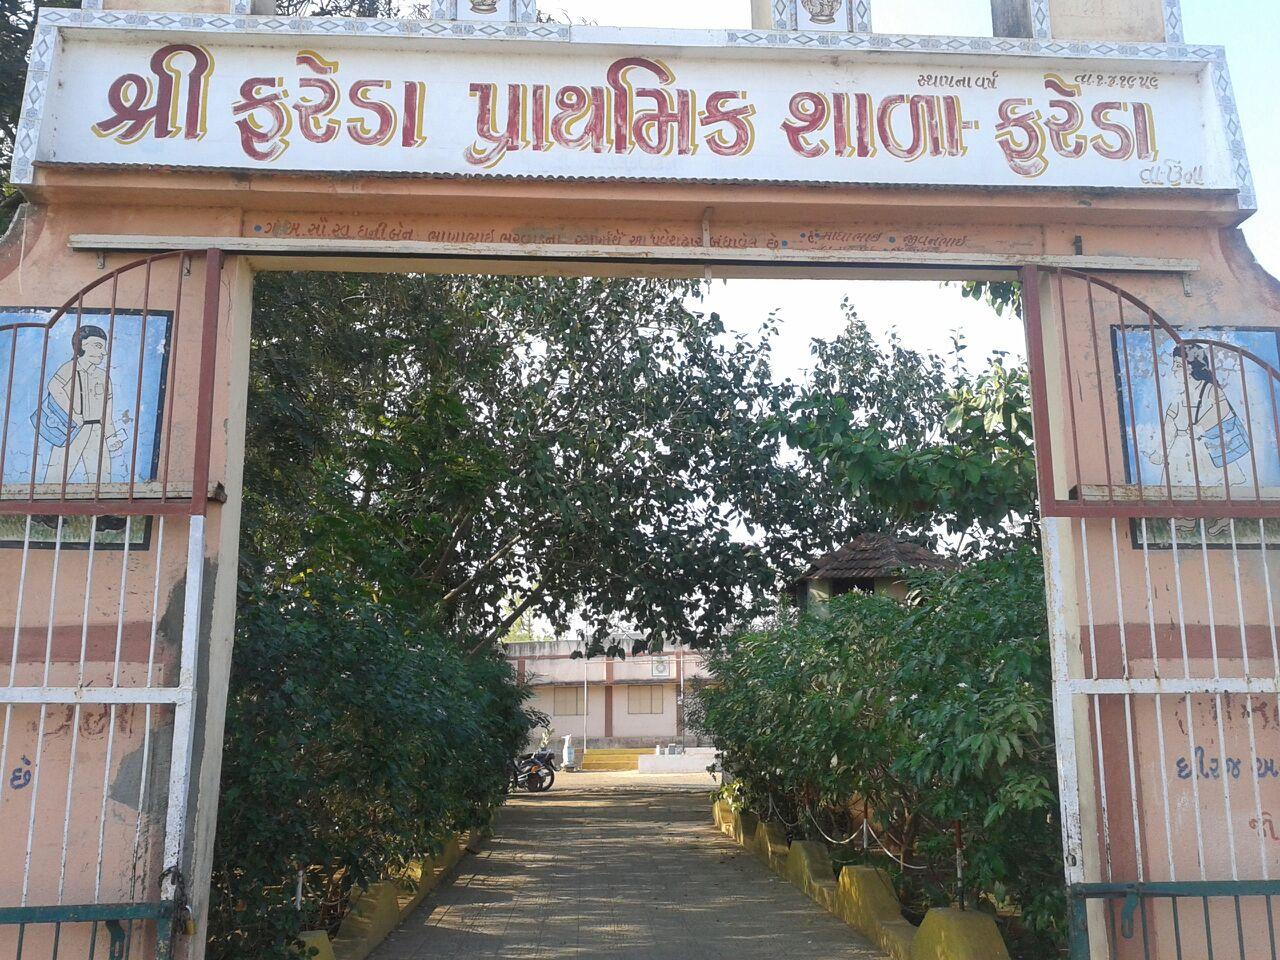 Fareda Primary School